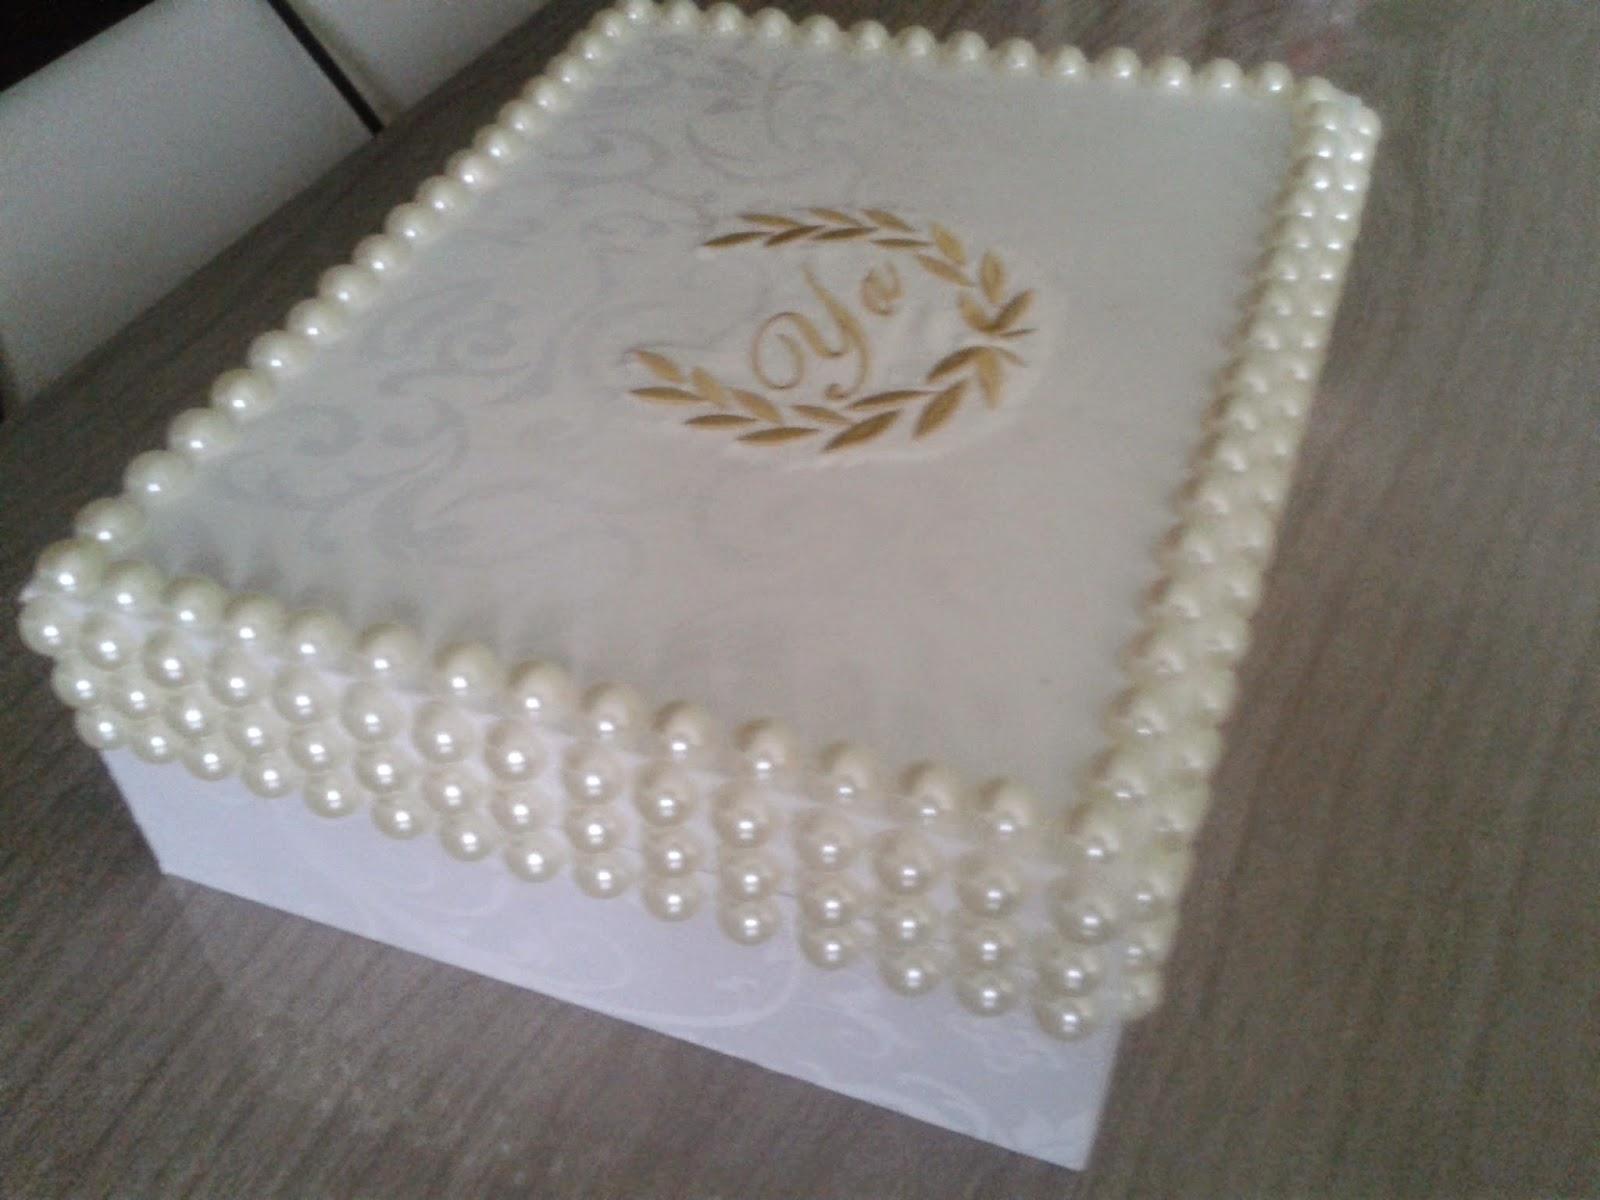 ARTBELLA: Caixa Mdf com tecido jacquard com brasão/nome e o  #5B5C70 1600x1200